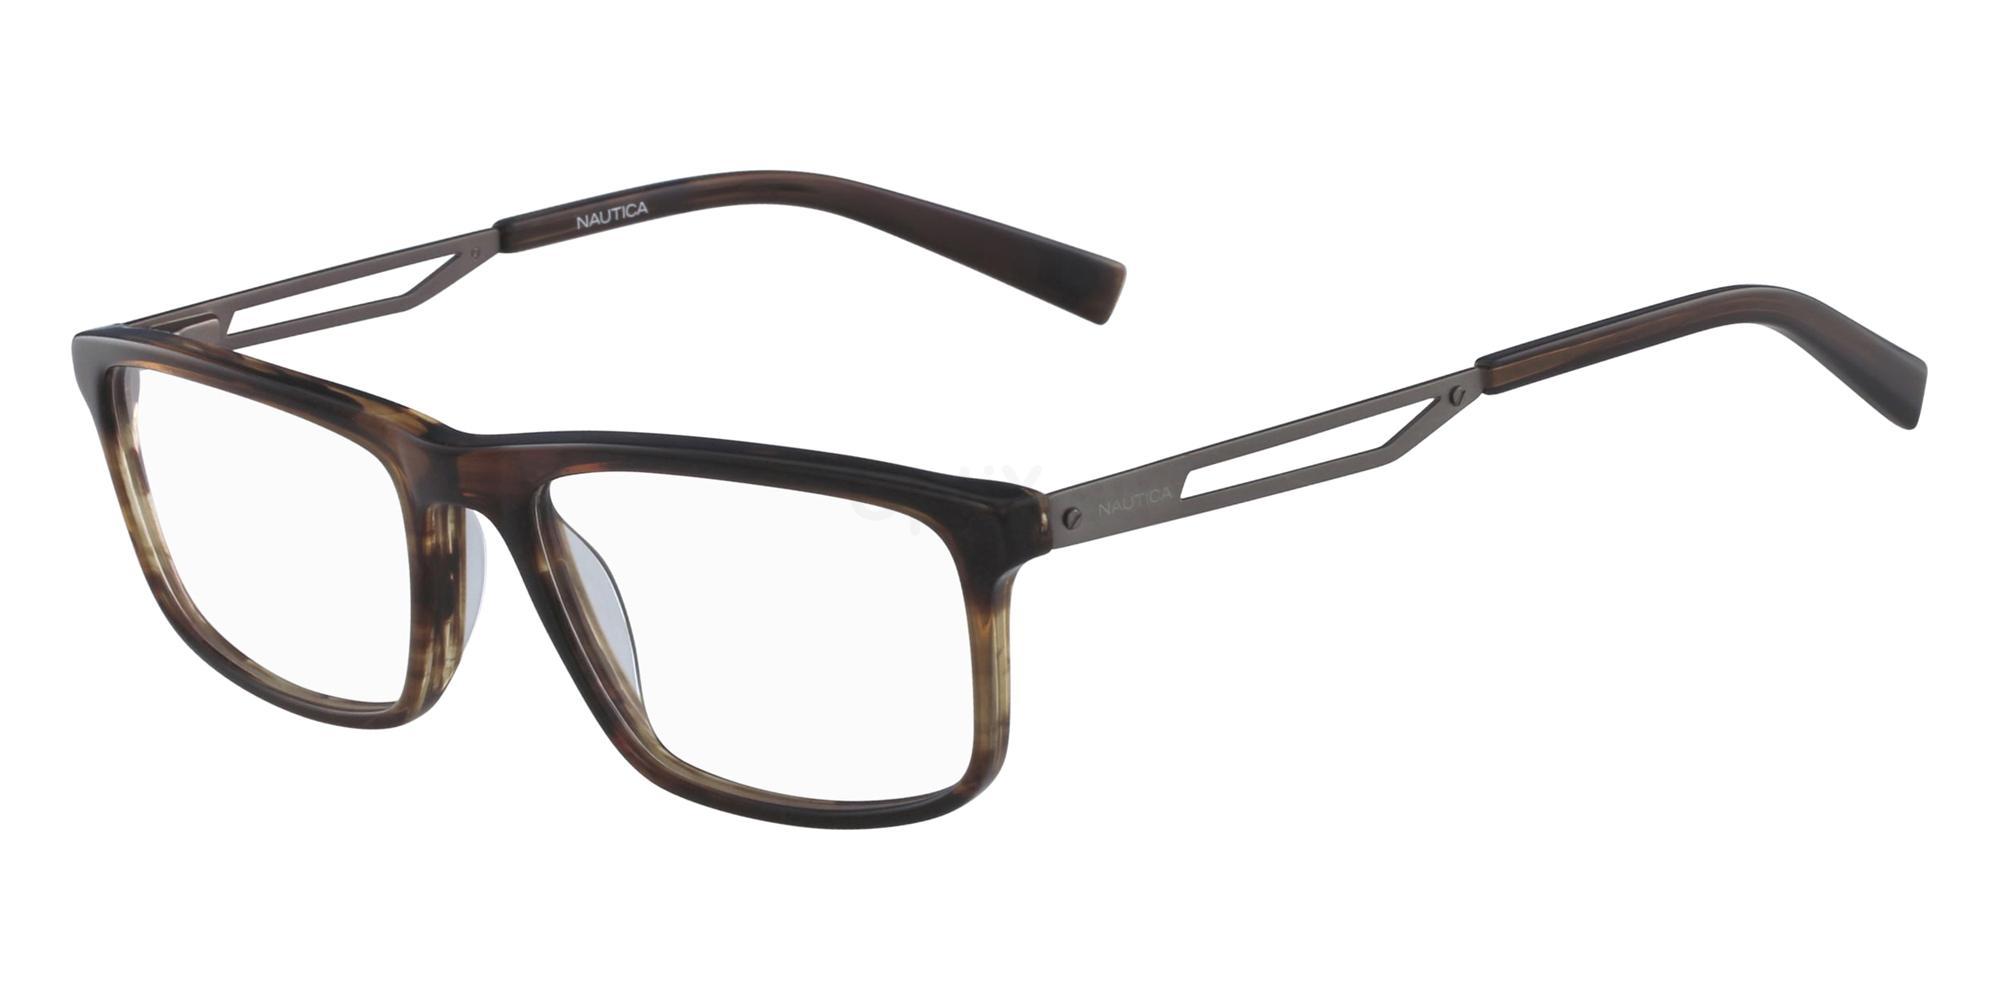 212 N8142 Glasses, Nautica